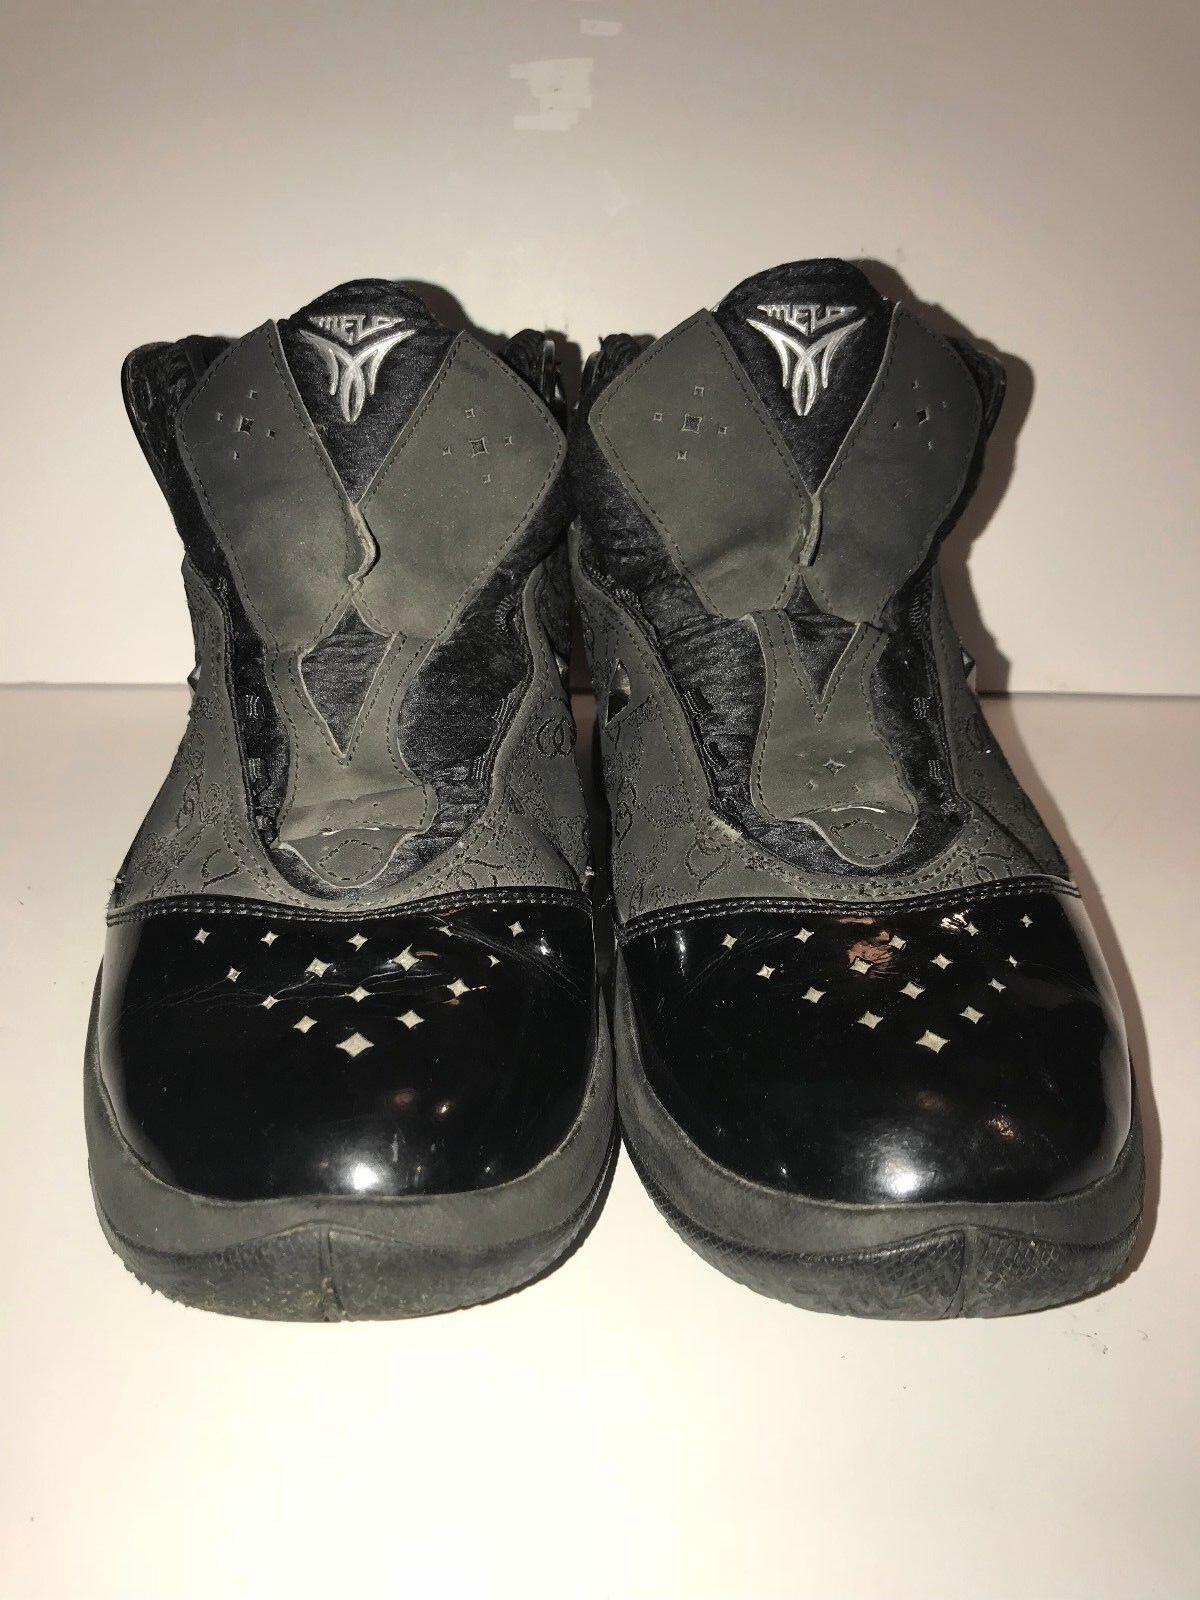 1e8fac6c025804 ... Jordan Melo Melo Melo M5 Blackout Size 12 100% Authentic 1cafef ...